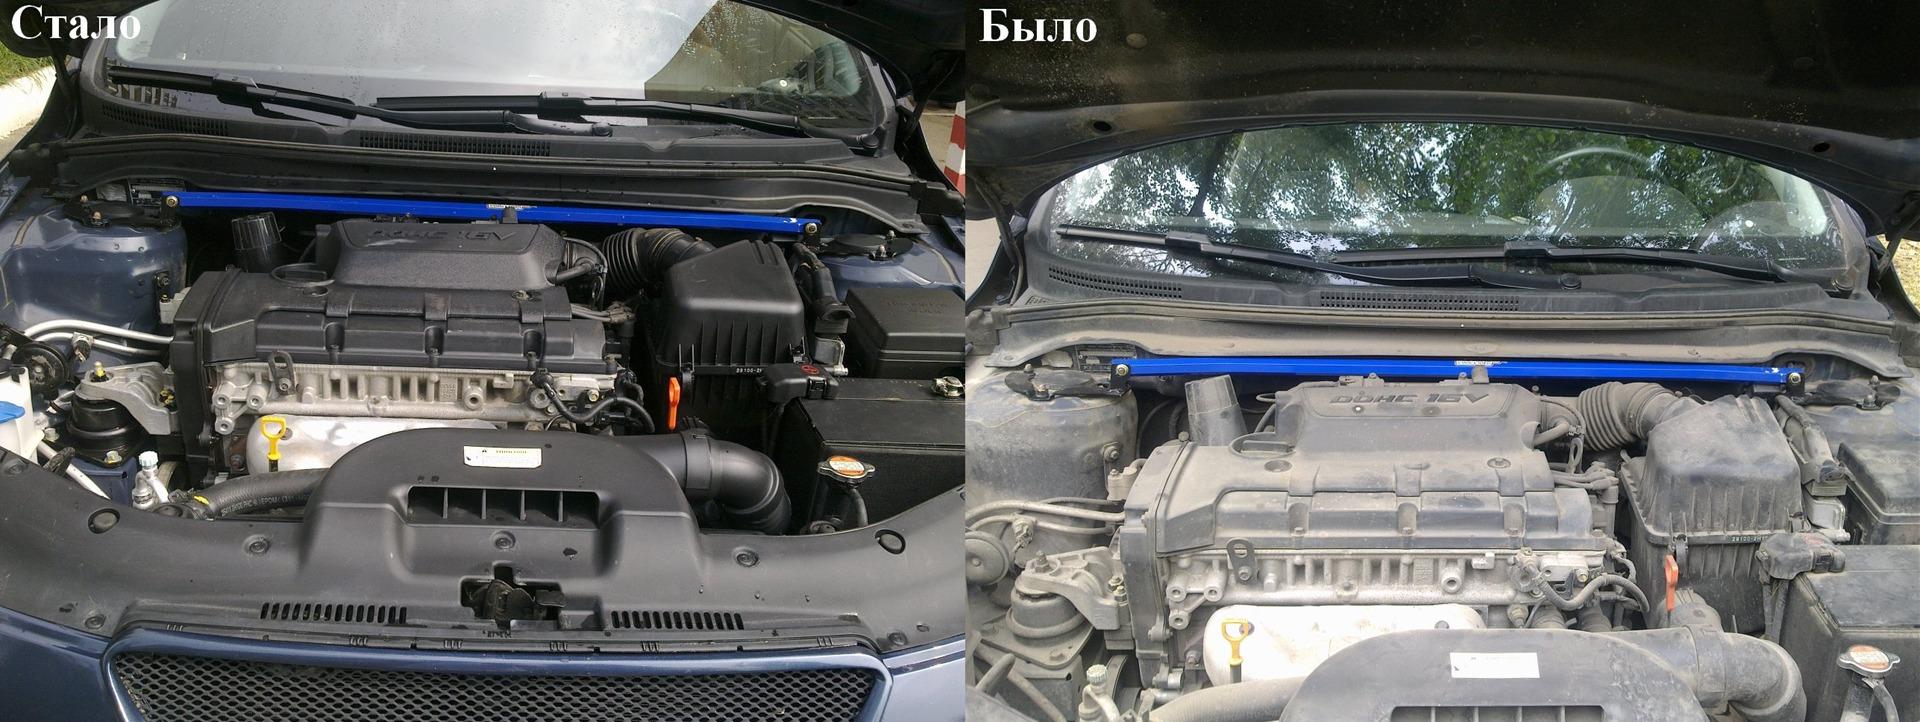 Для чего нужна мойка двигателя и как её выполнять?